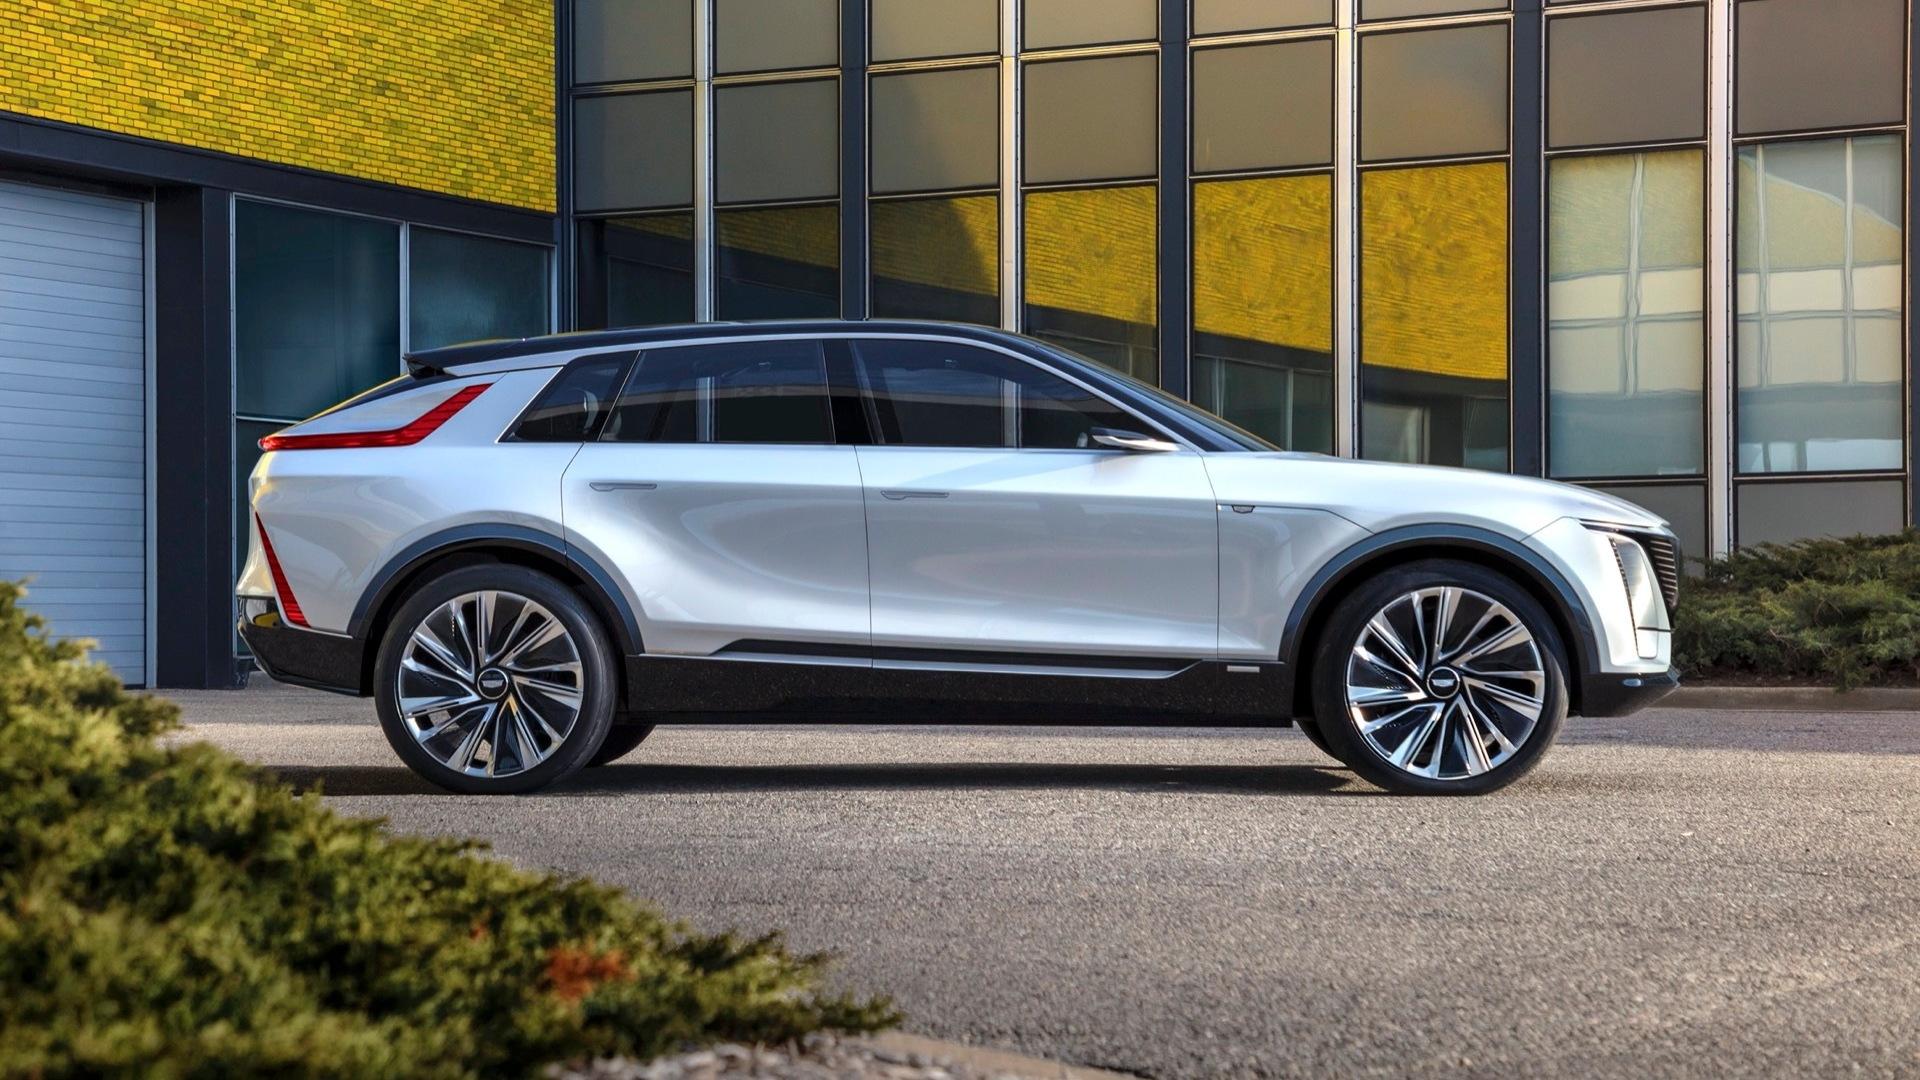 Президент североамериканского офиса GM Стив Карлайл заявил, что Cadillac Lyriq будет стоить как среднеразмерные премиальные кроссы на бензине или чуть дороже.